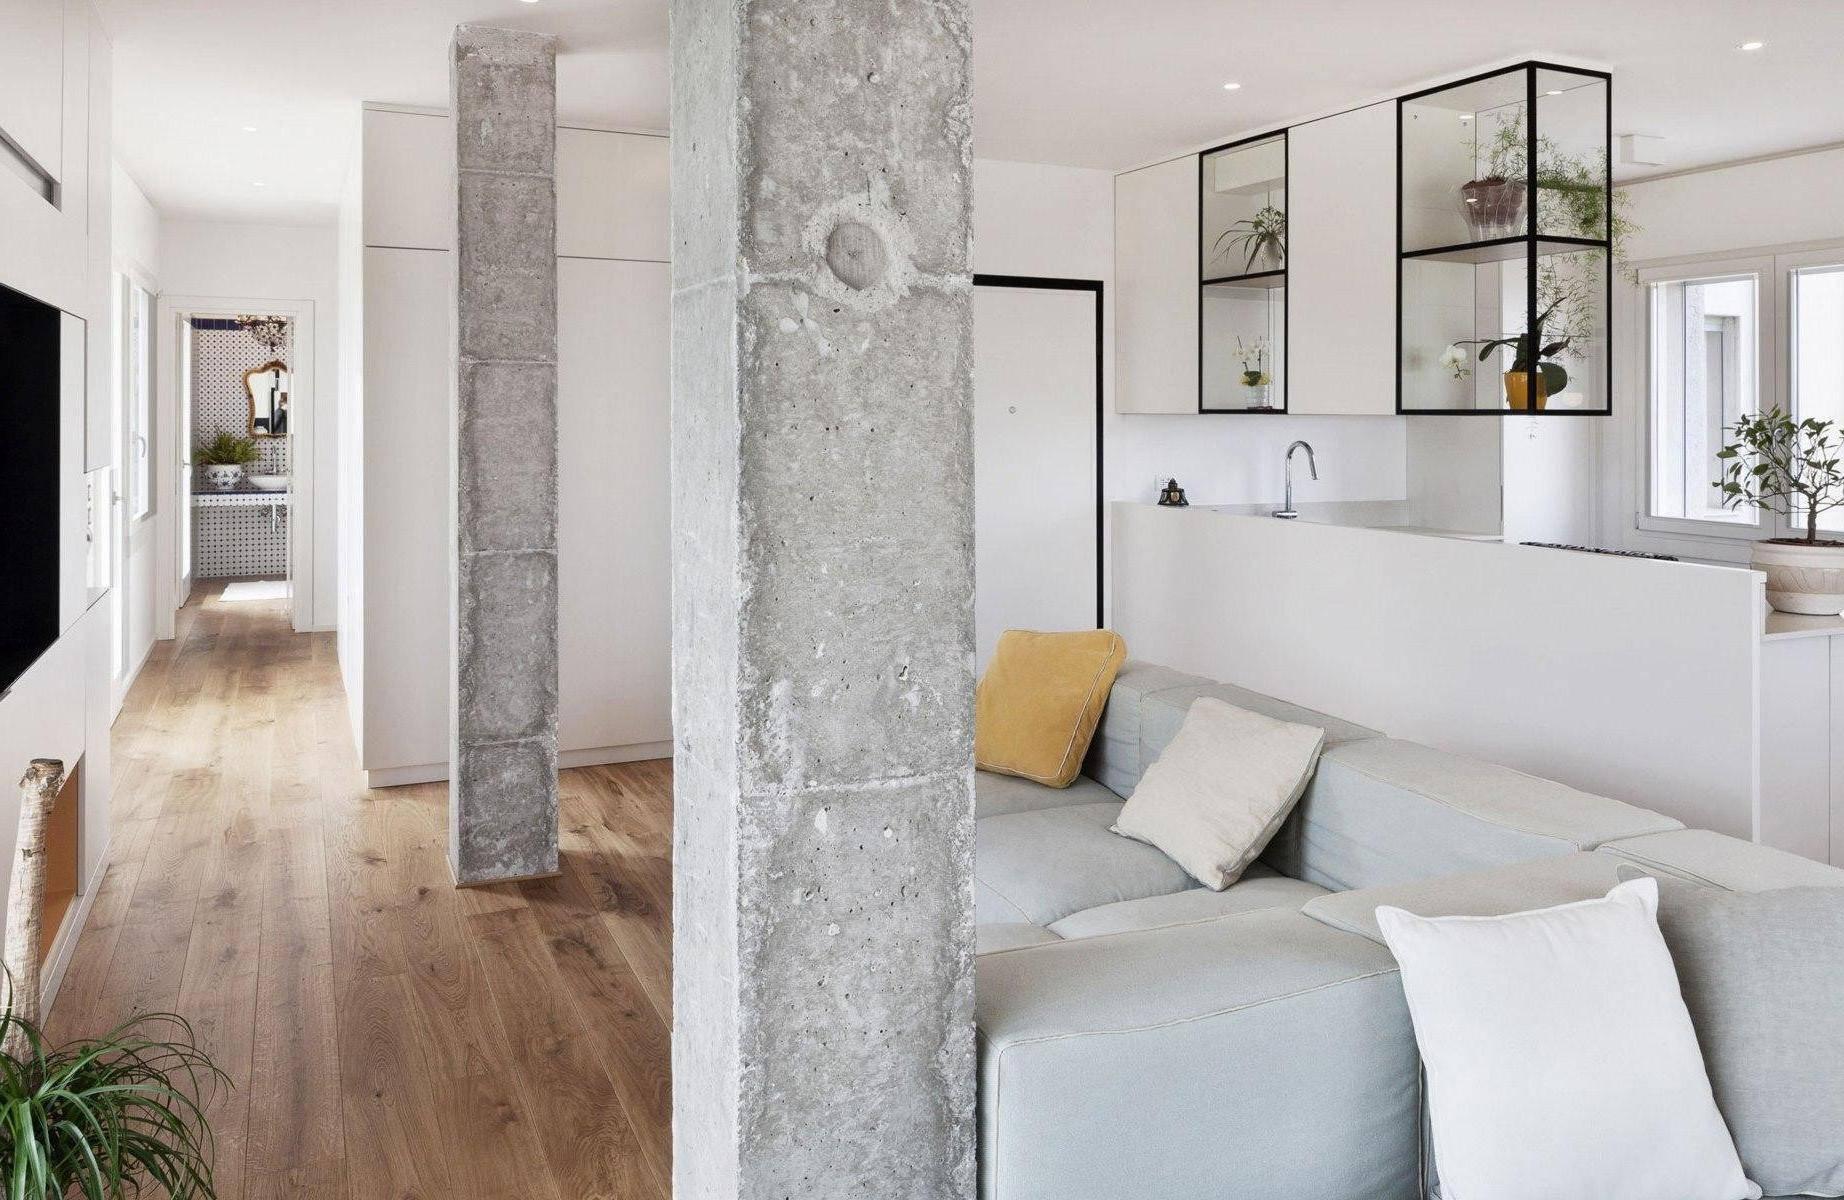 Колонны в итерьере: декоративные из полиуретана в современном стиле, оформление колонны в квартире